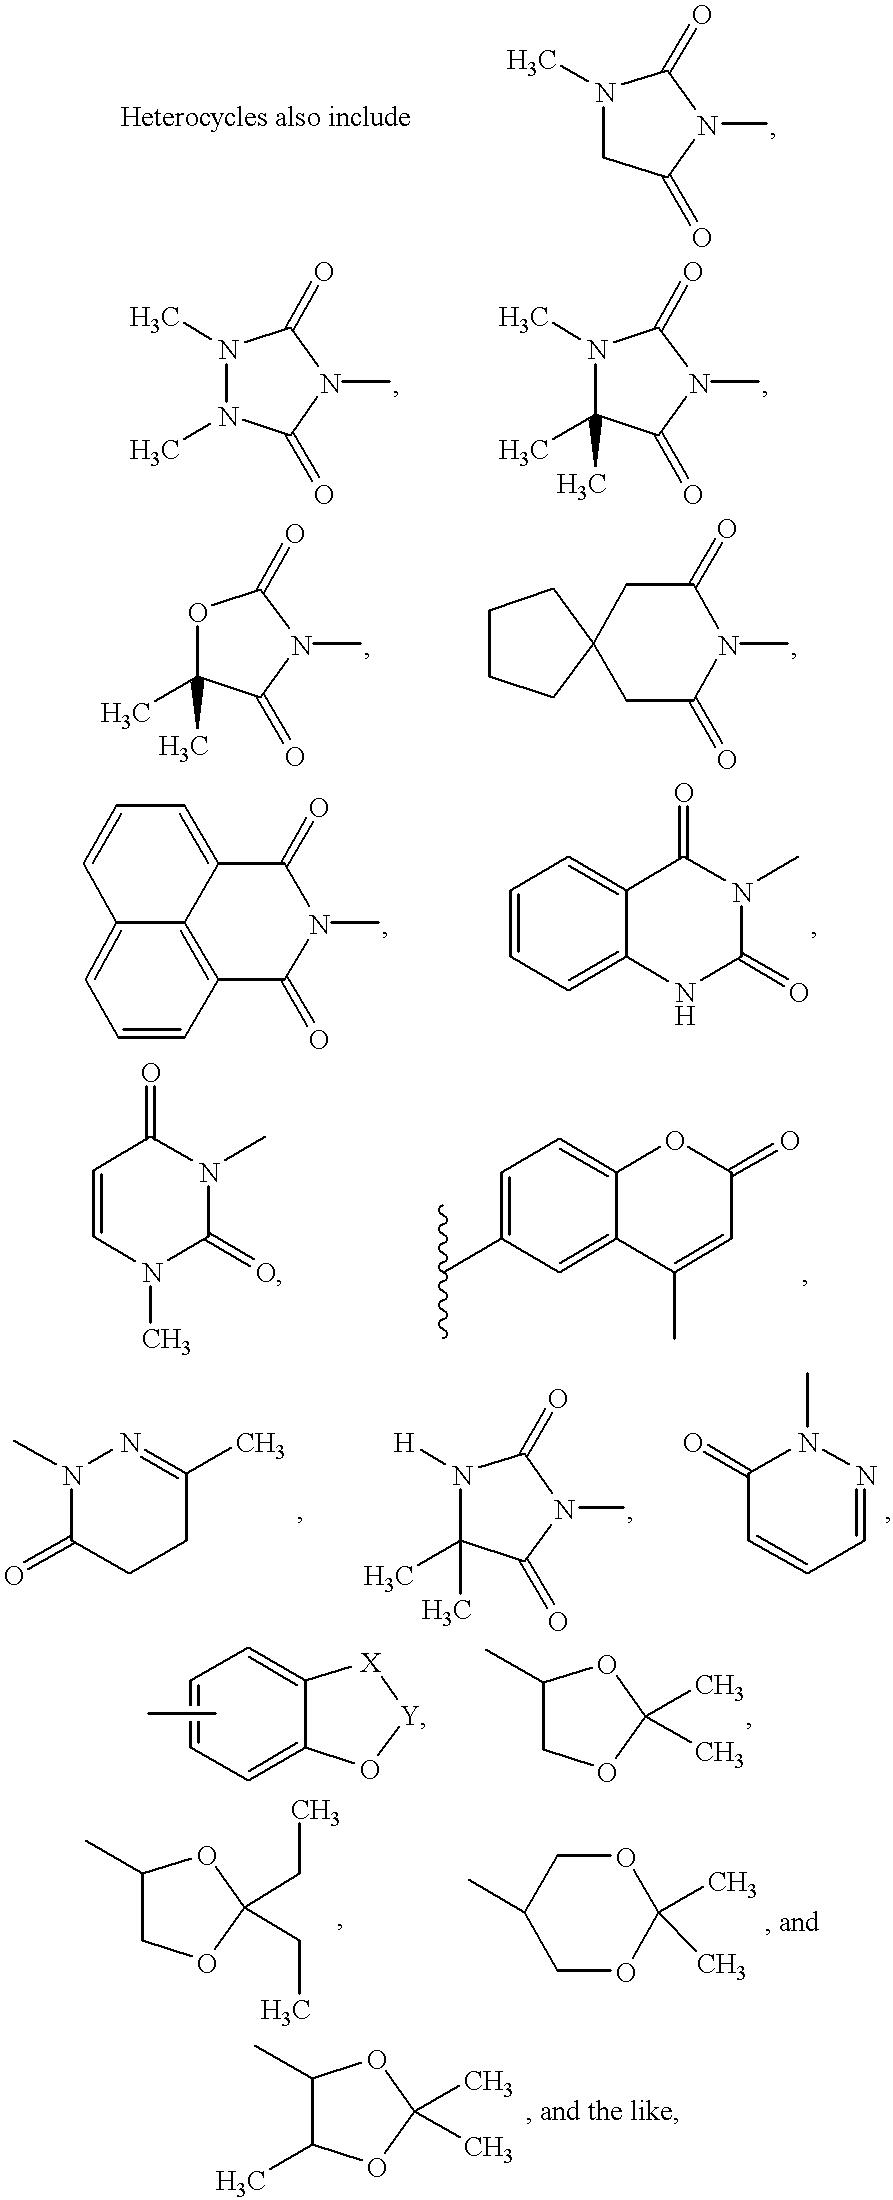 Figure US06294573-20010925-C00007